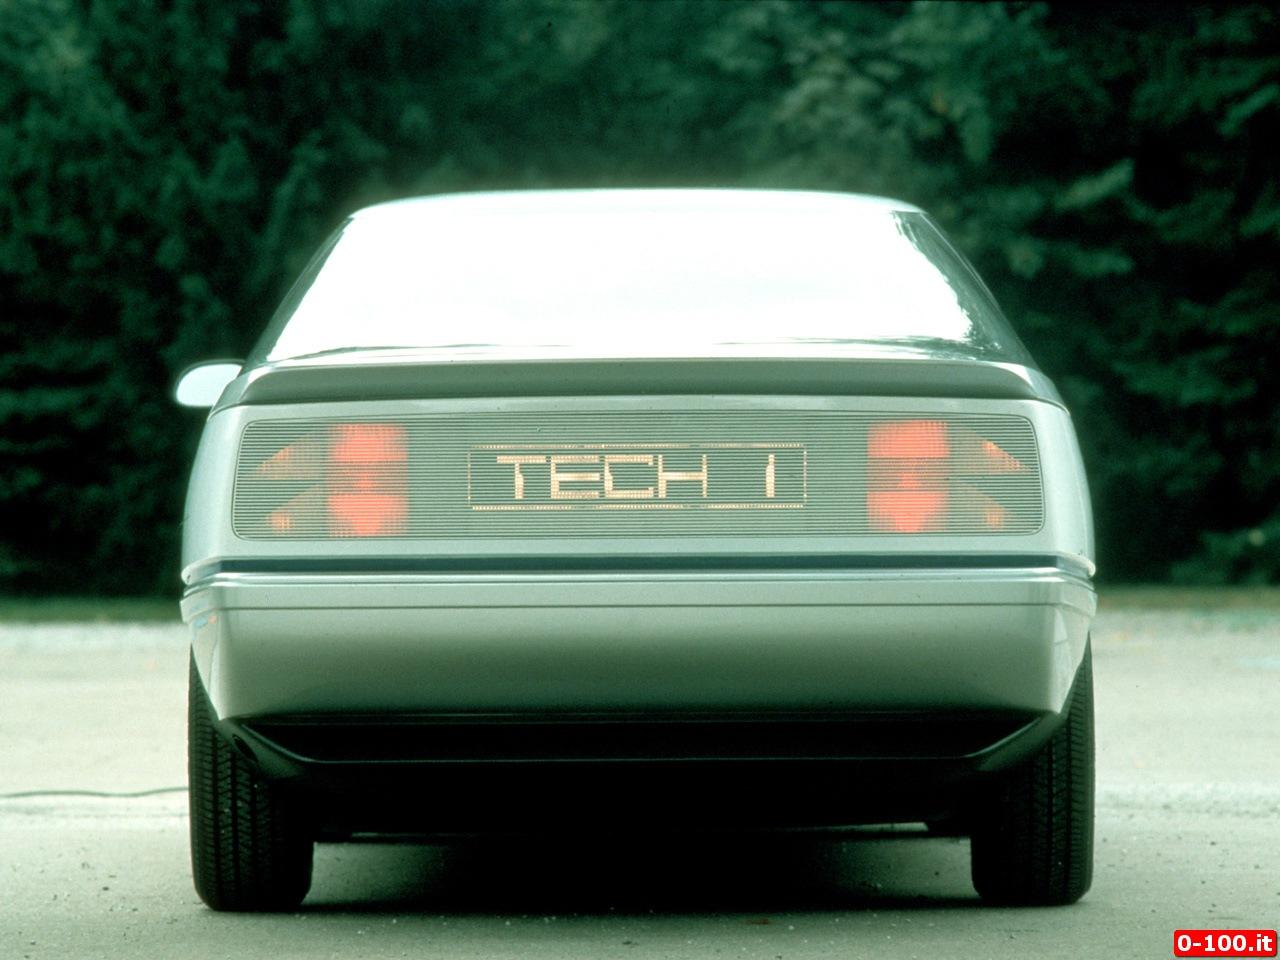 Opel_TECH1-0-100_1